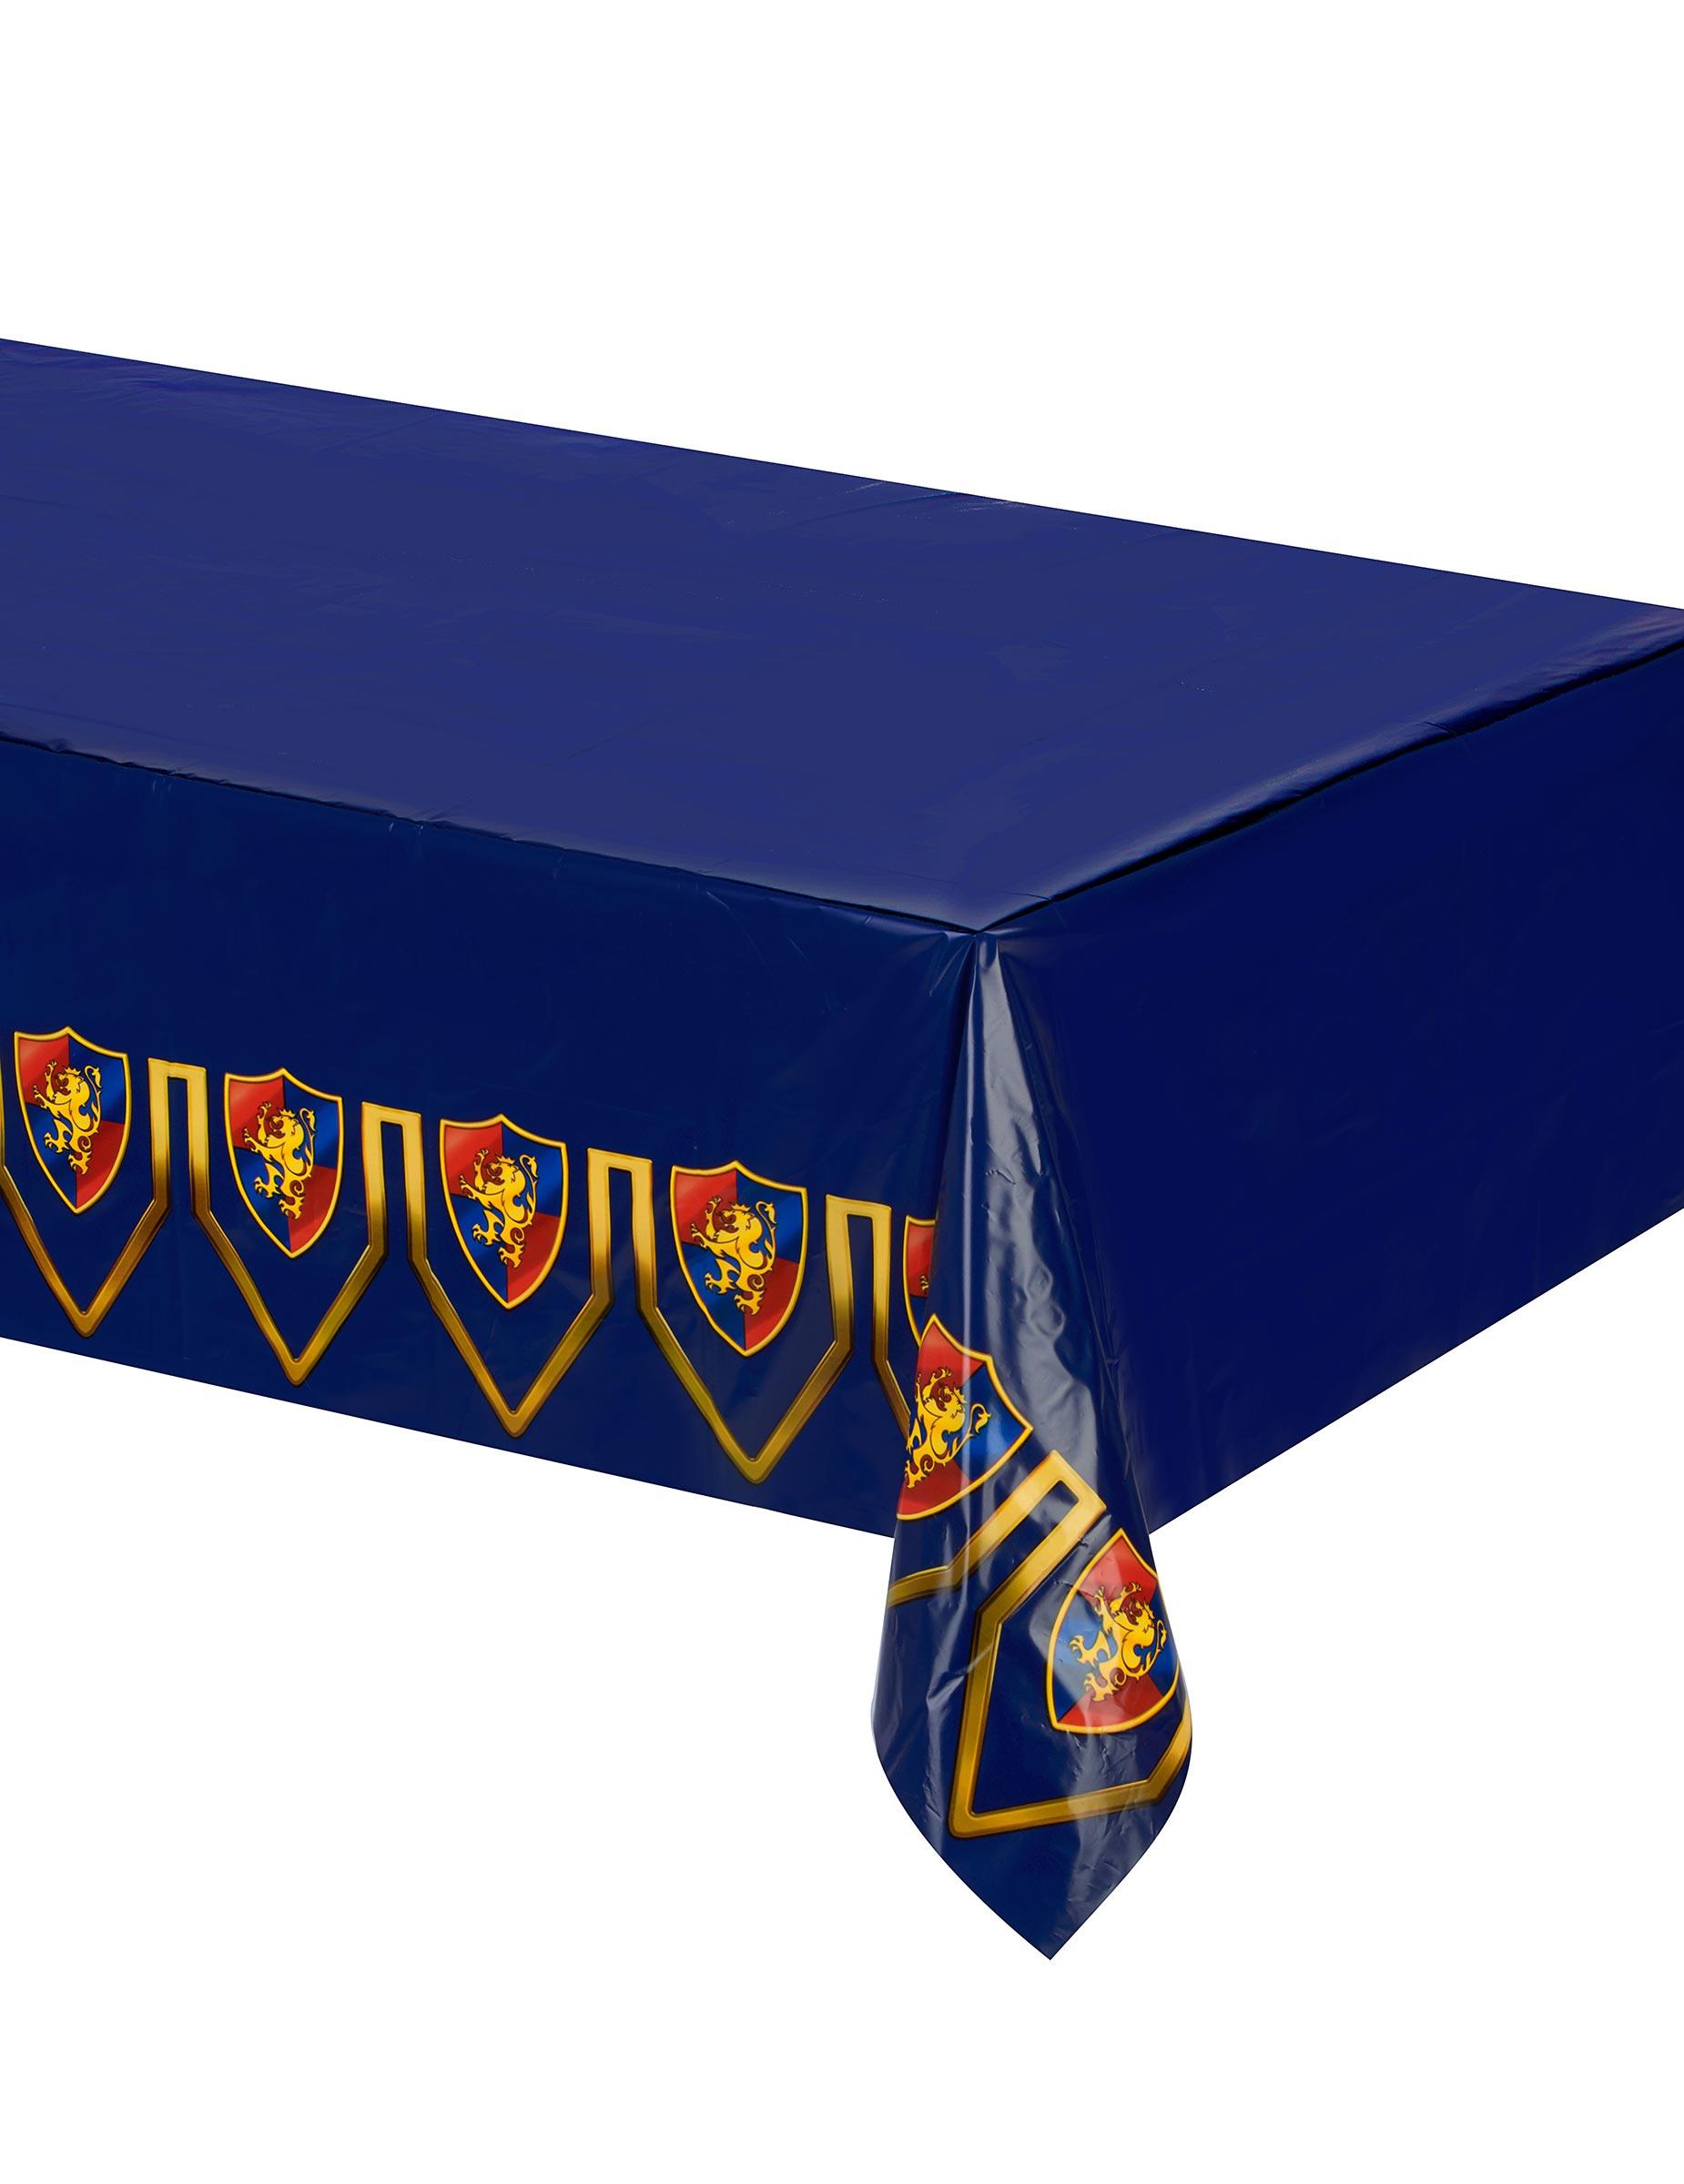 Mittelalter Tischdecke Kindergeburtstag Tischdeko Blau Bunt 1 37x2